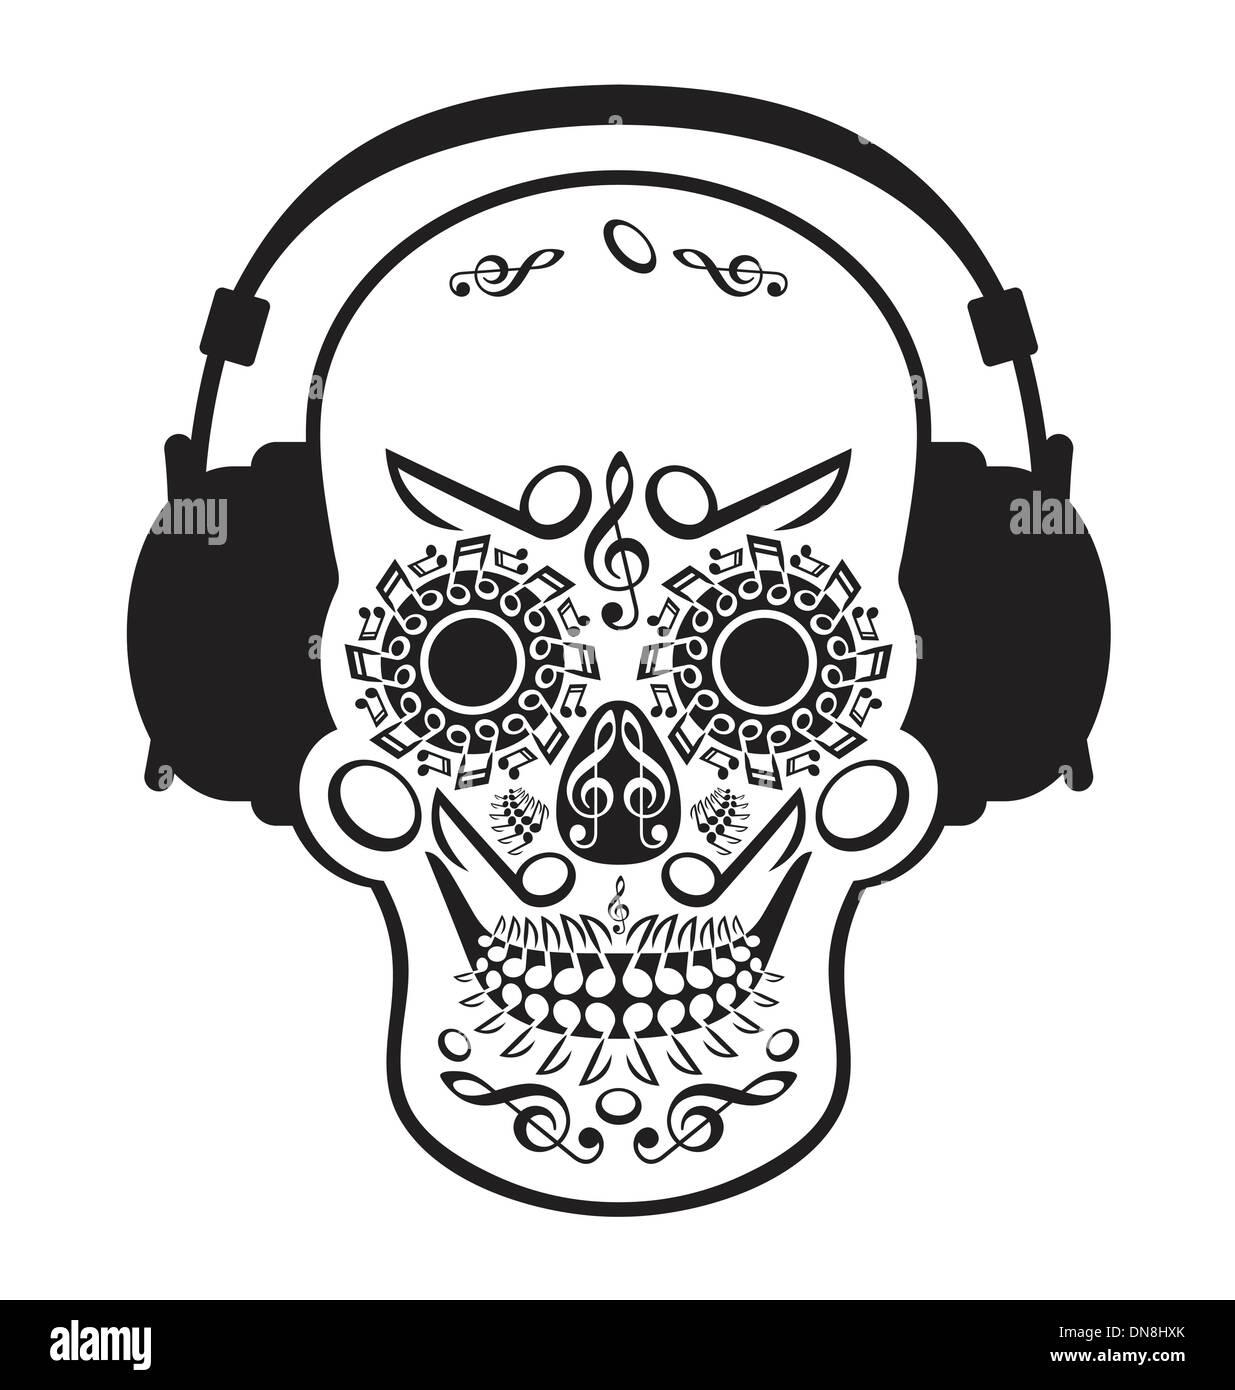 Music Skull - Stock Image